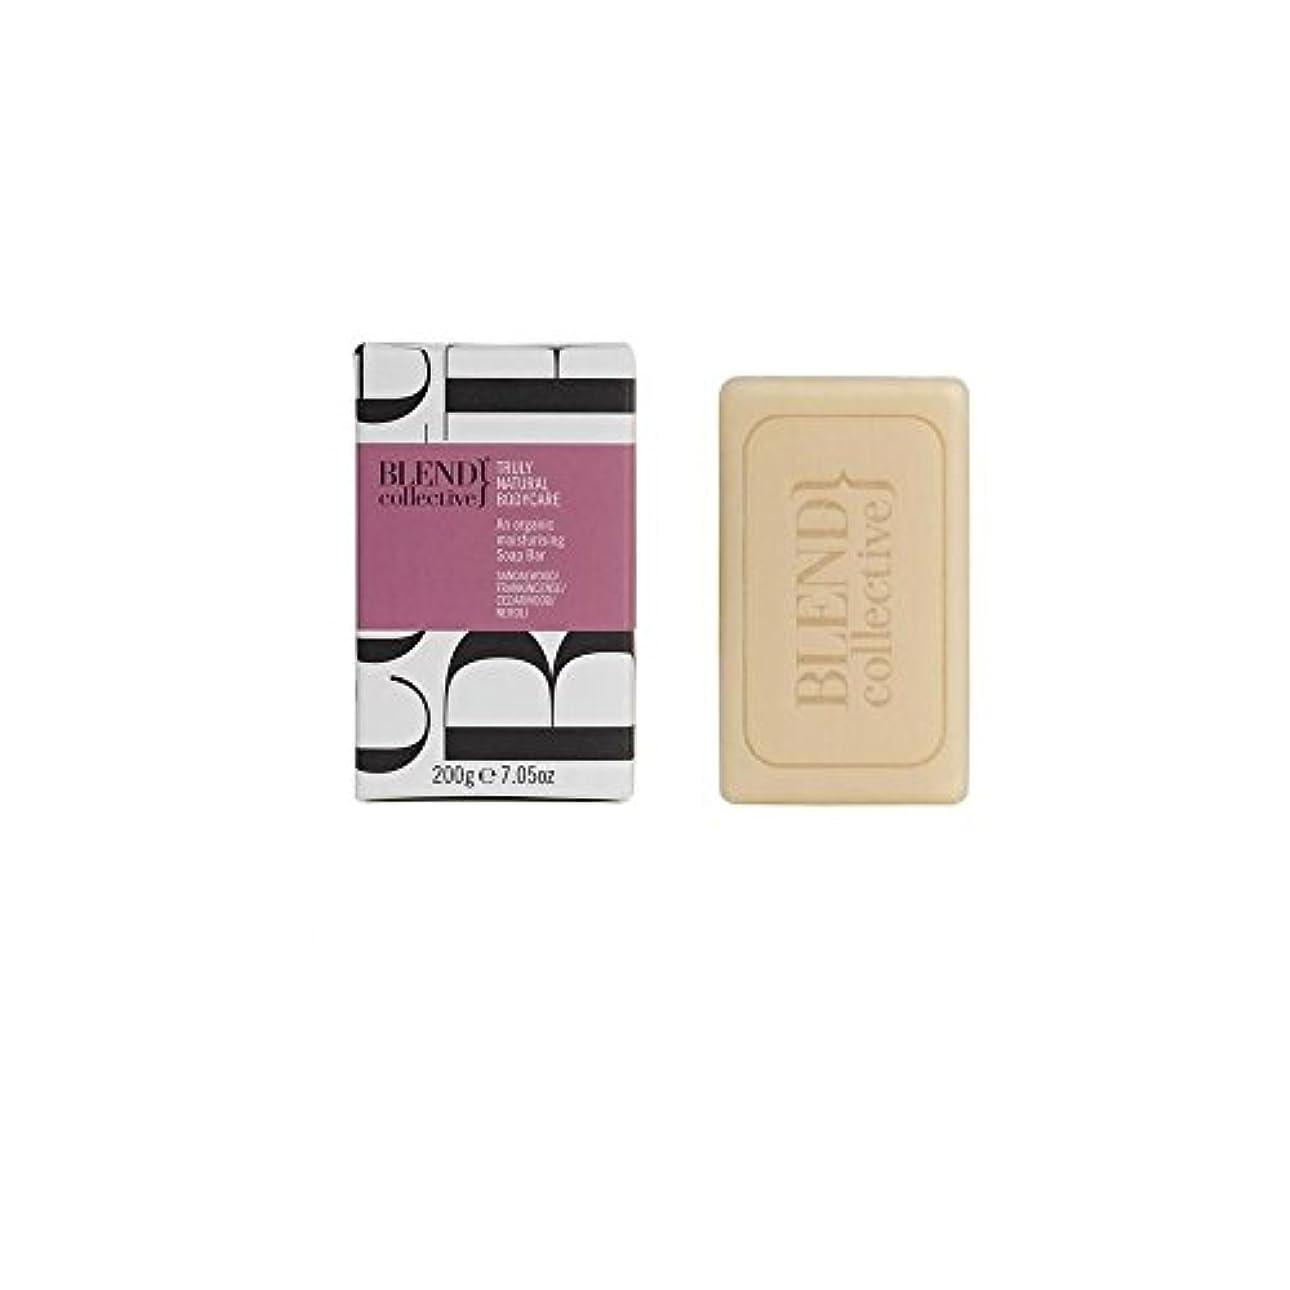 縫う集中極端なBlend Collective Unwinding Soap Bar (200g) 集合的な巻き戻し固形石鹸( 200グラム)をブレンド [並行輸入品]